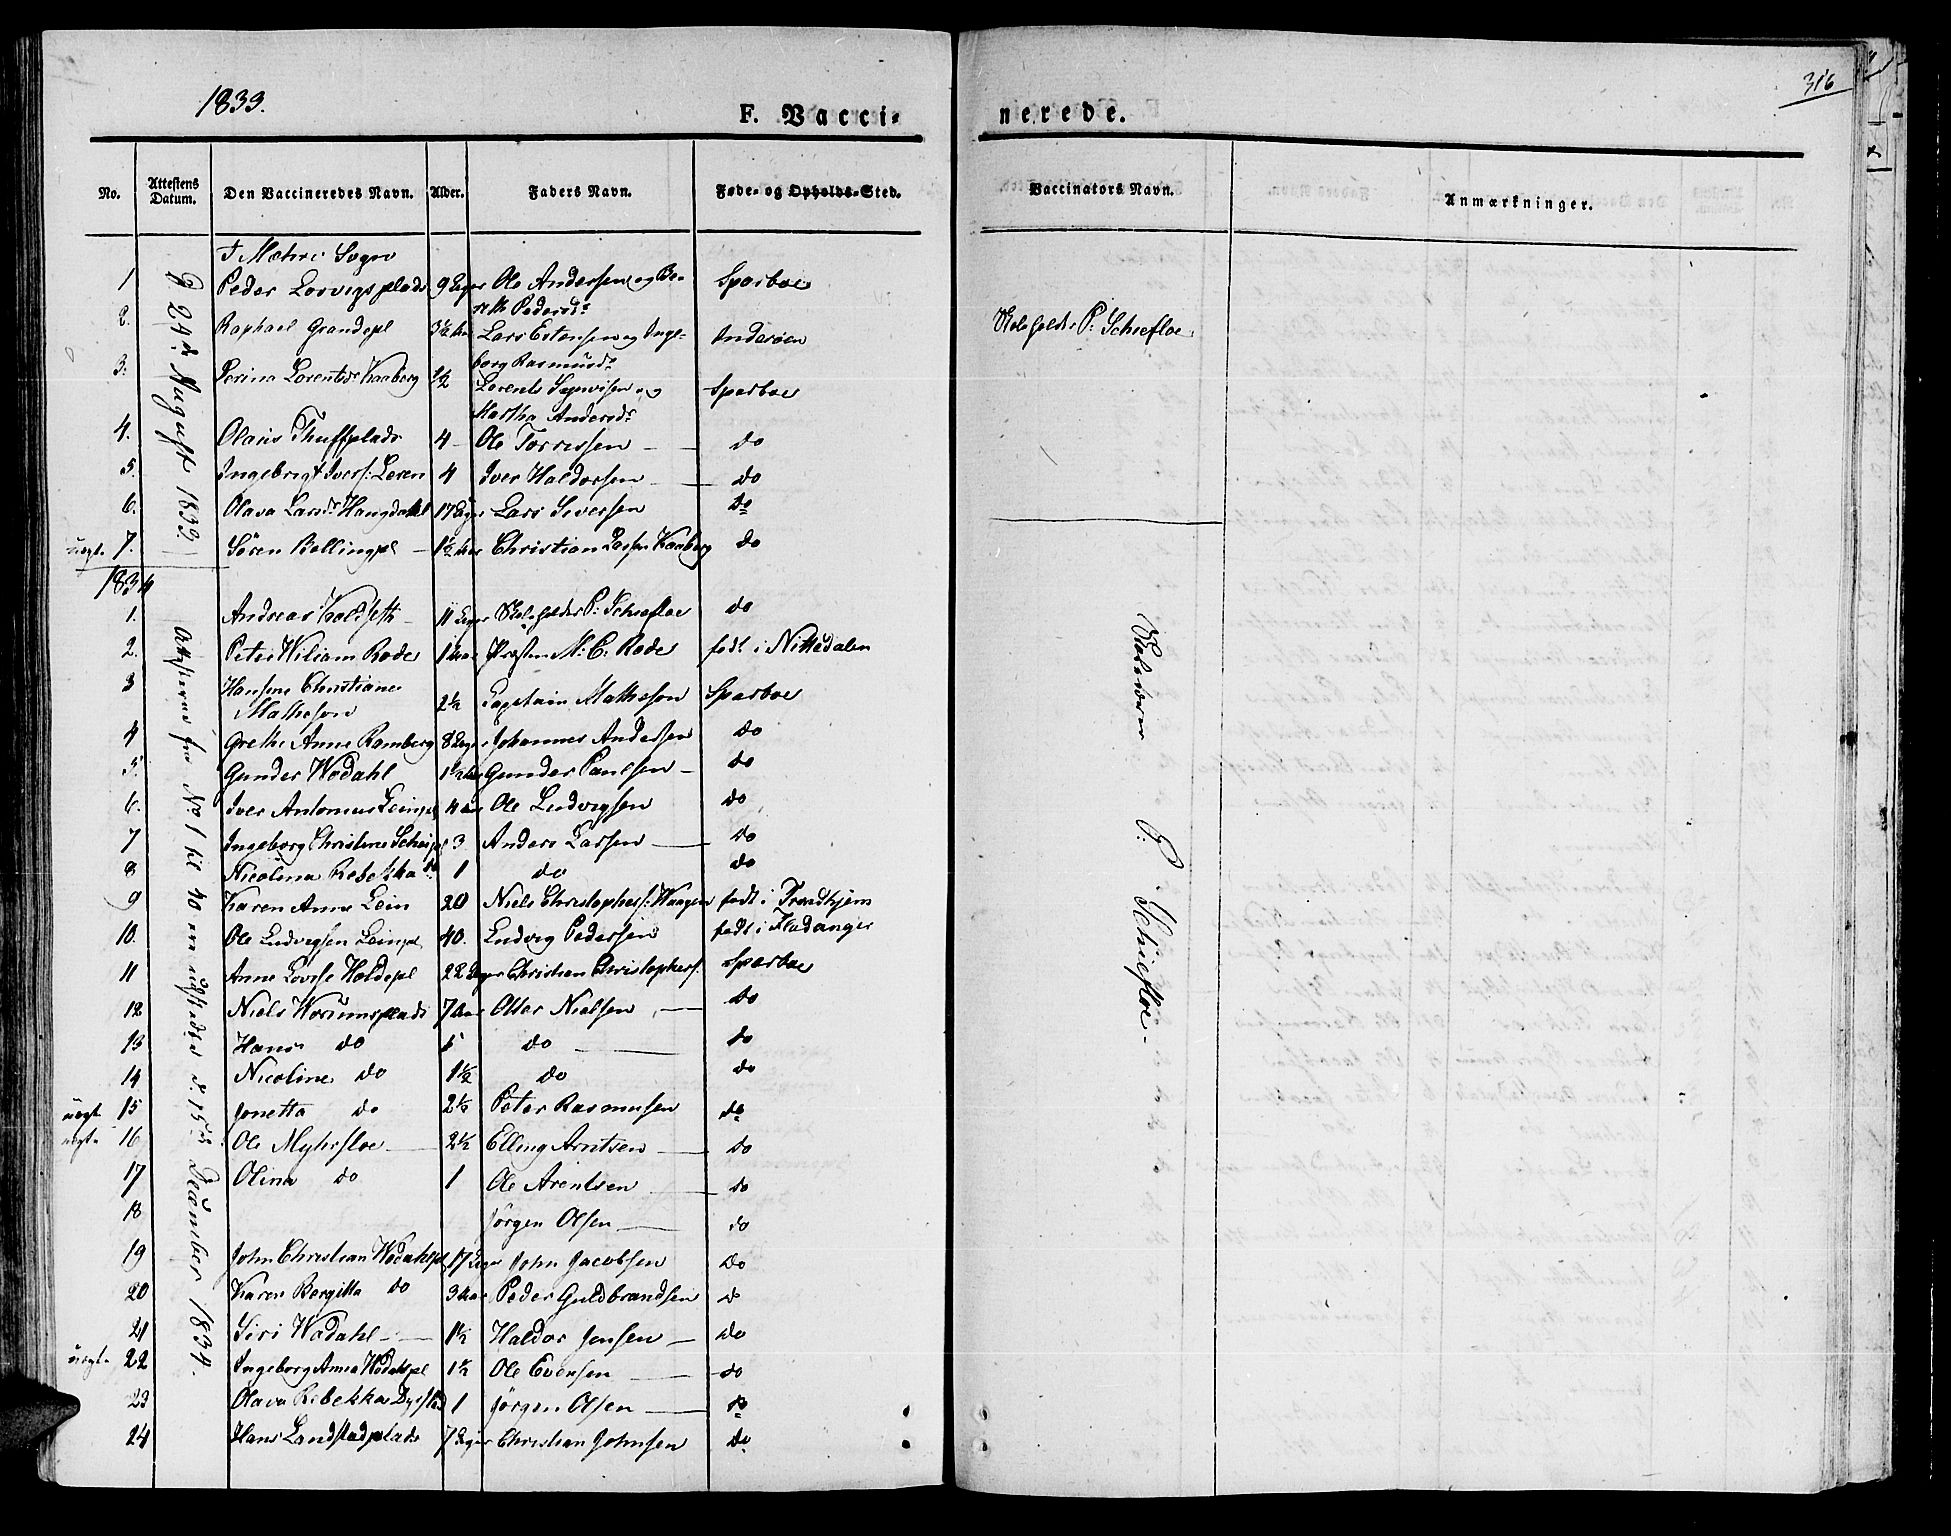 SAT, Ministerialprotokoller, klokkerbøker og fødselsregistre - Nord-Trøndelag, 735/L0336: Ministerialbok nr. 735A05 /1, 1825-1835, s. 316